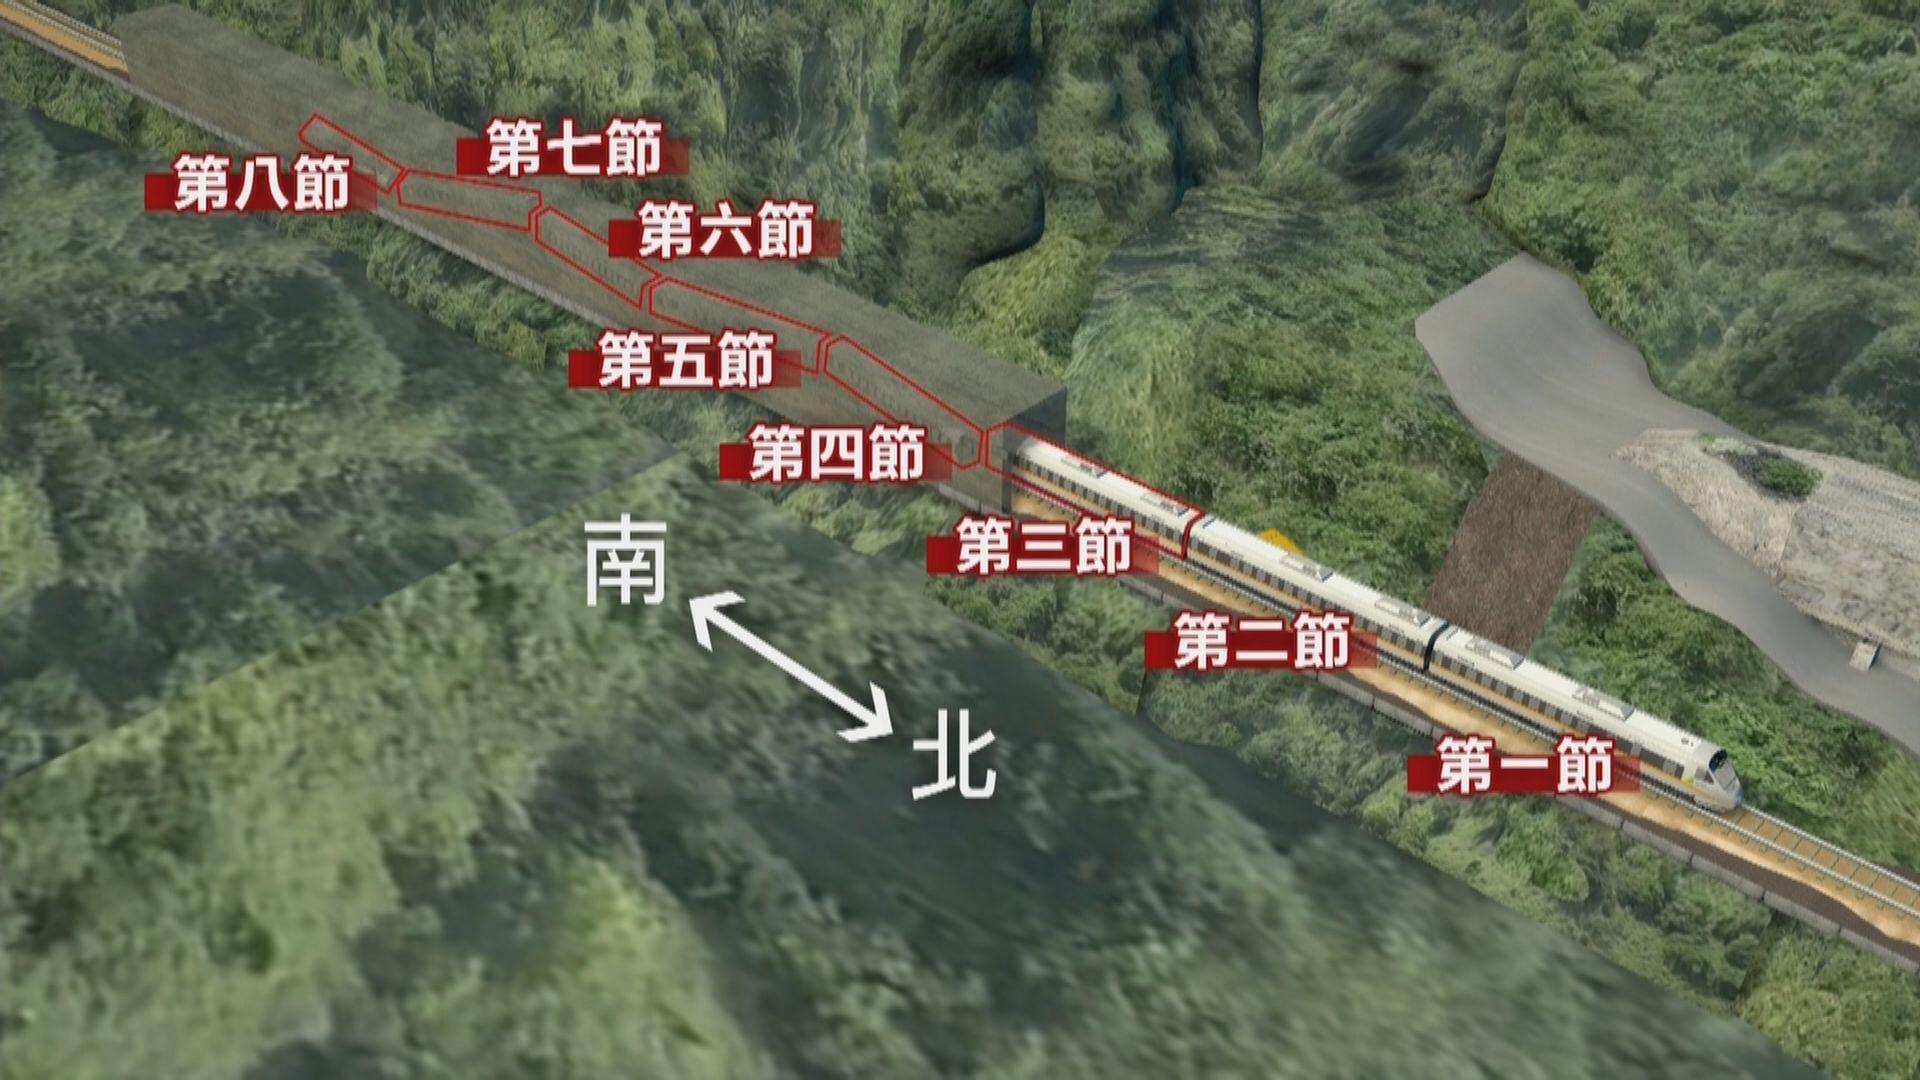 台鐵出軌事故 工作人員搶修部分路軌盼午夜前拖出第三節車廂